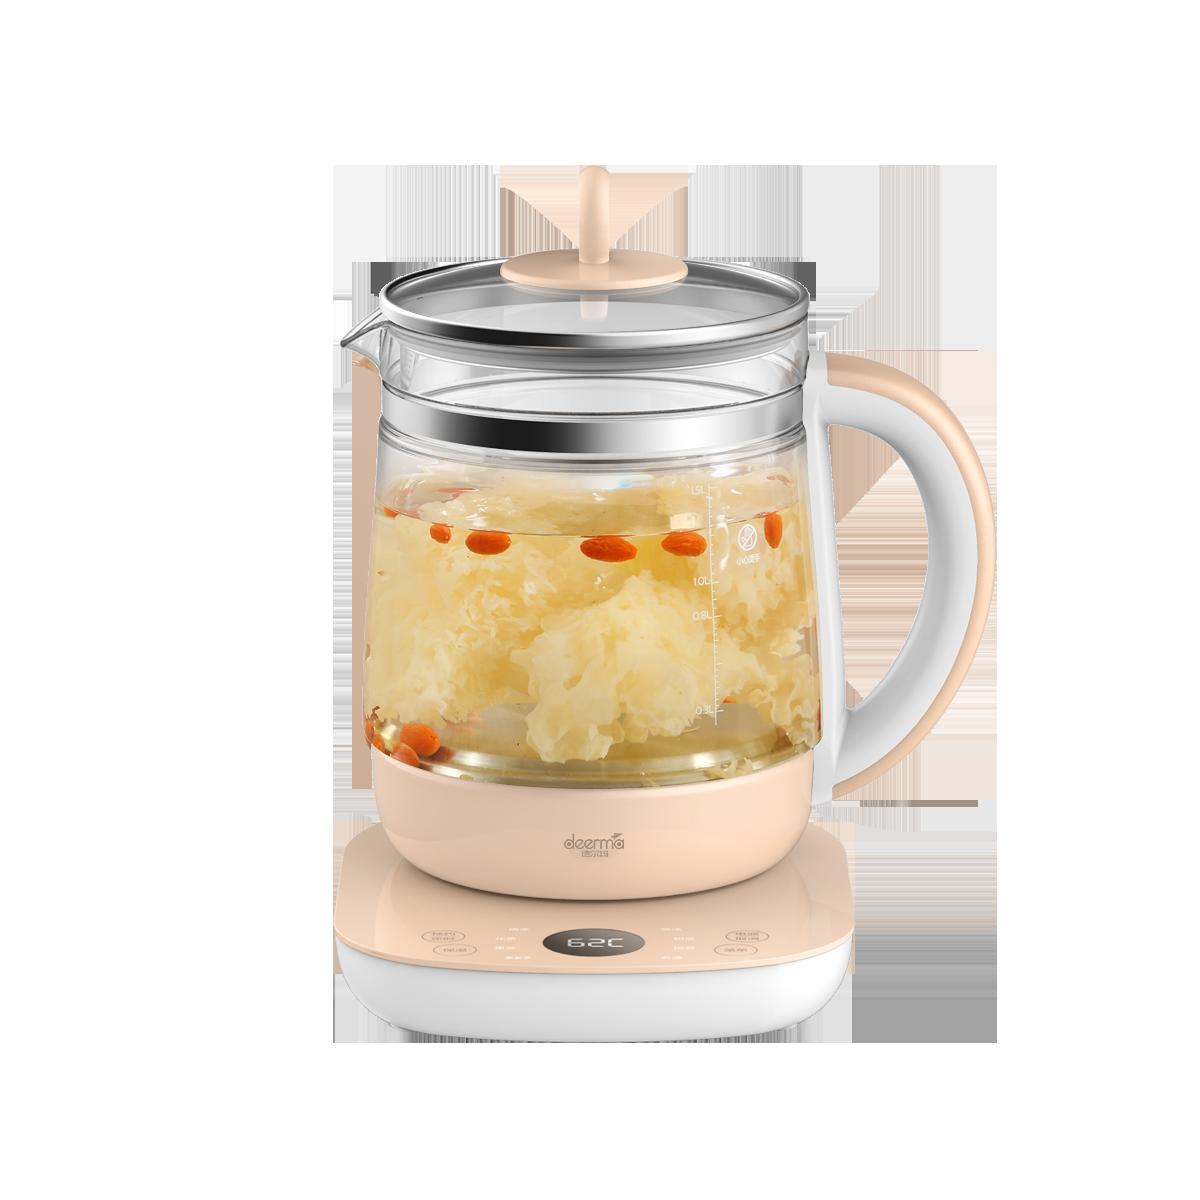 德尔玛养生壶全自动玻璃多功能电热花茶壶家用养身煮茶器办公室